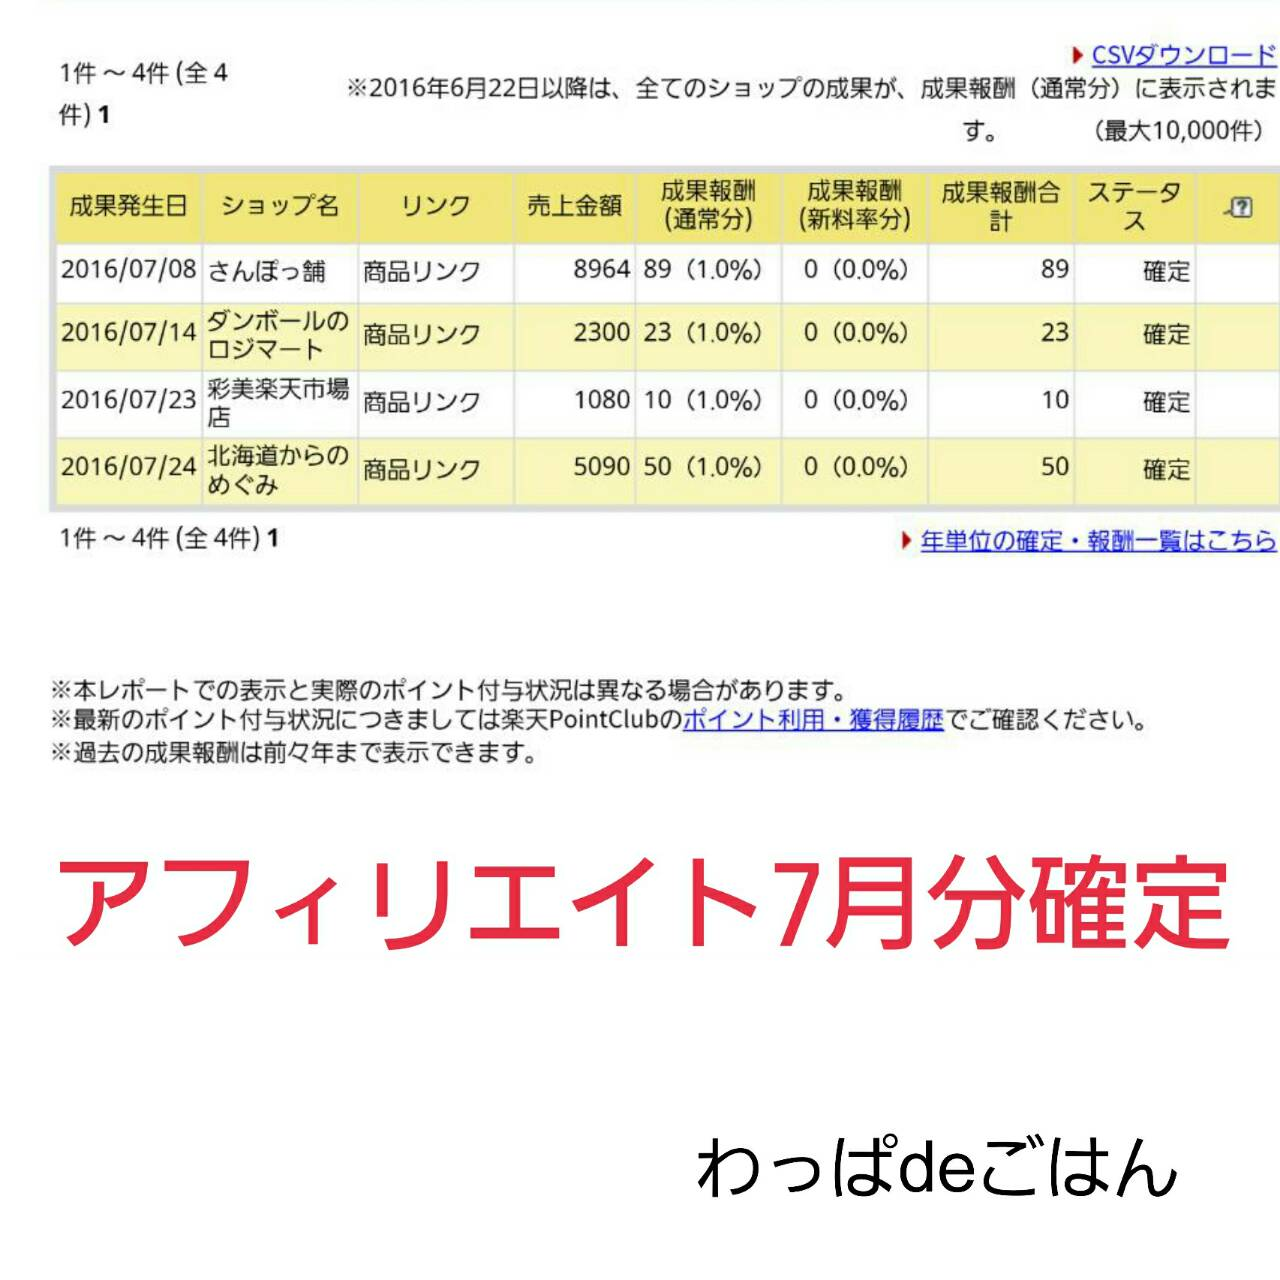 7月分のアフィリエイト収入確定金額